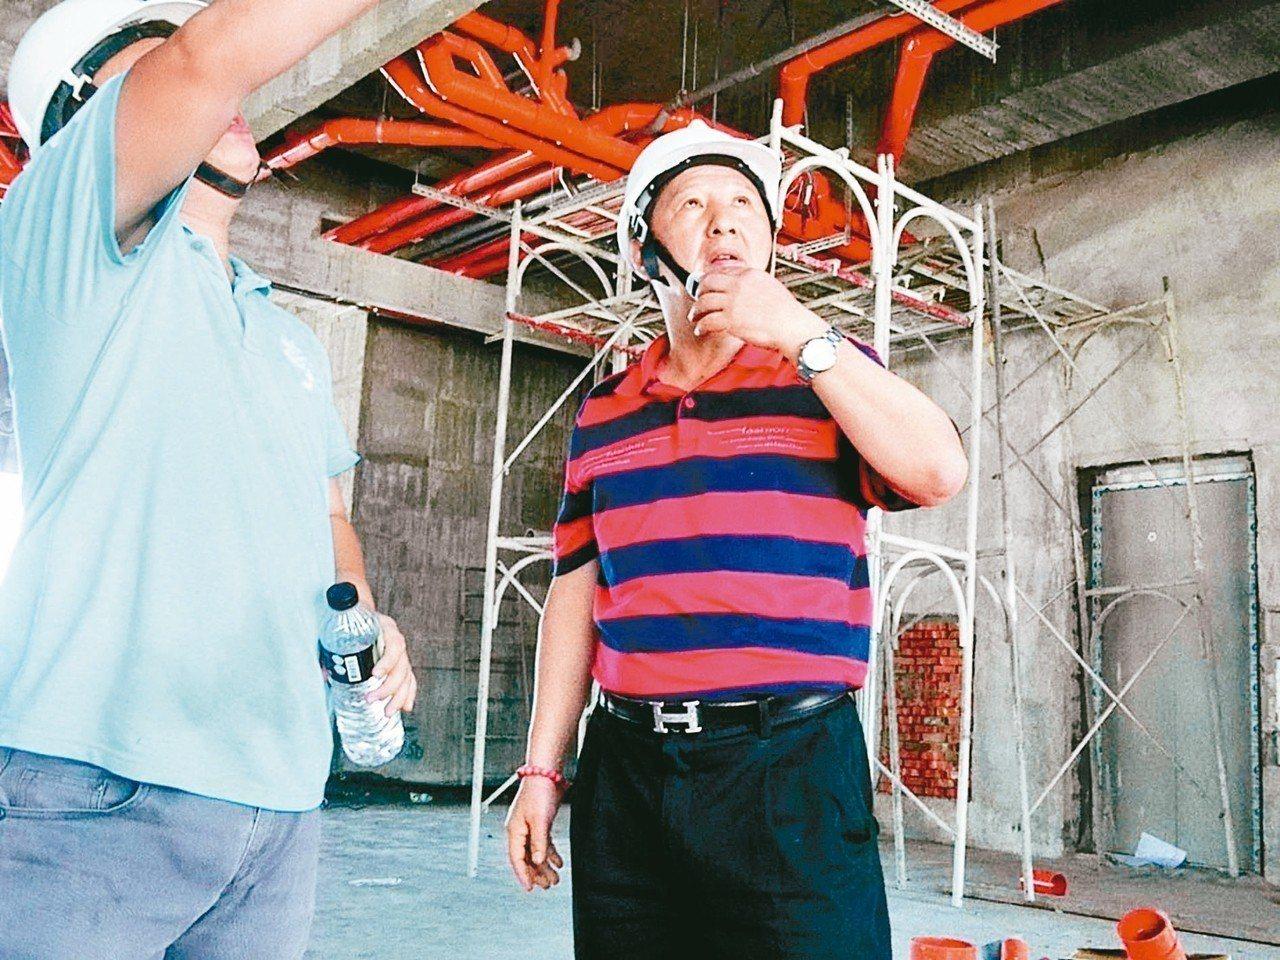 前台東縣長吳俊立昨天忙著在自己投資興建的飯店工地視察施工進度。 記者羅紹平/攝影